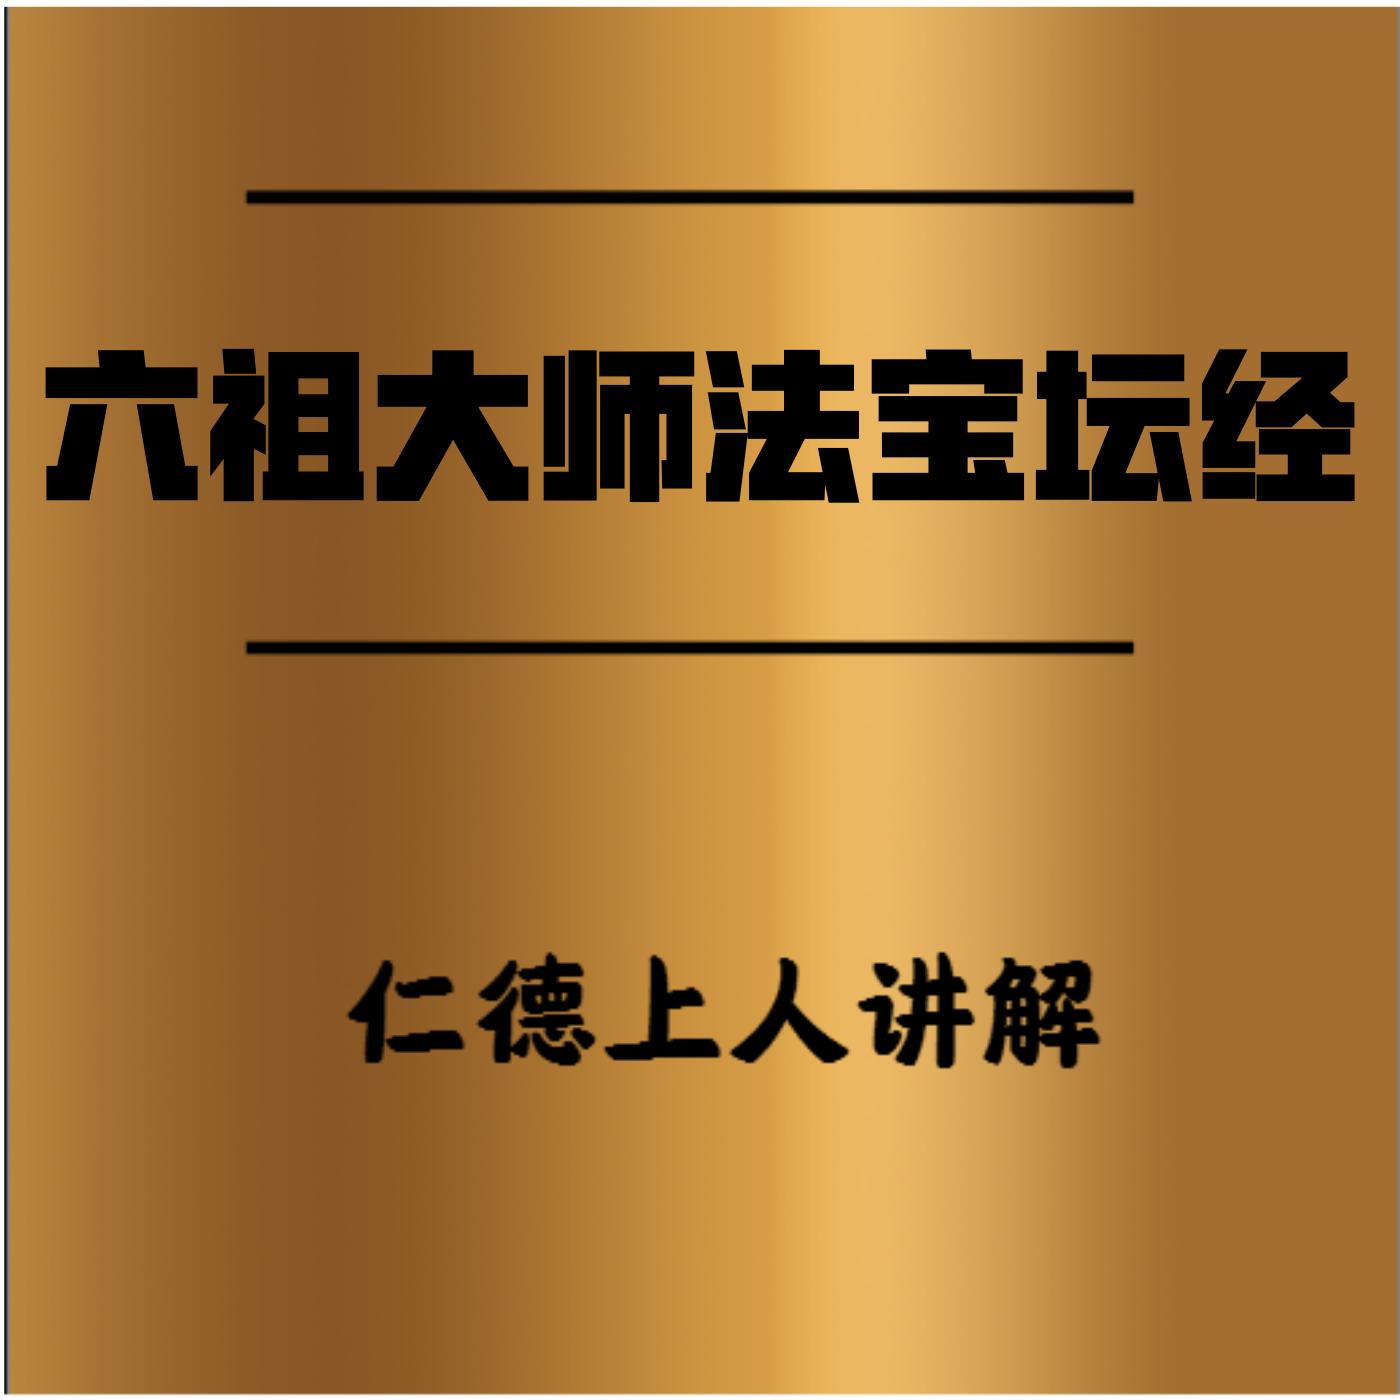 六祖大师法宝坛经-仁德上人讲解